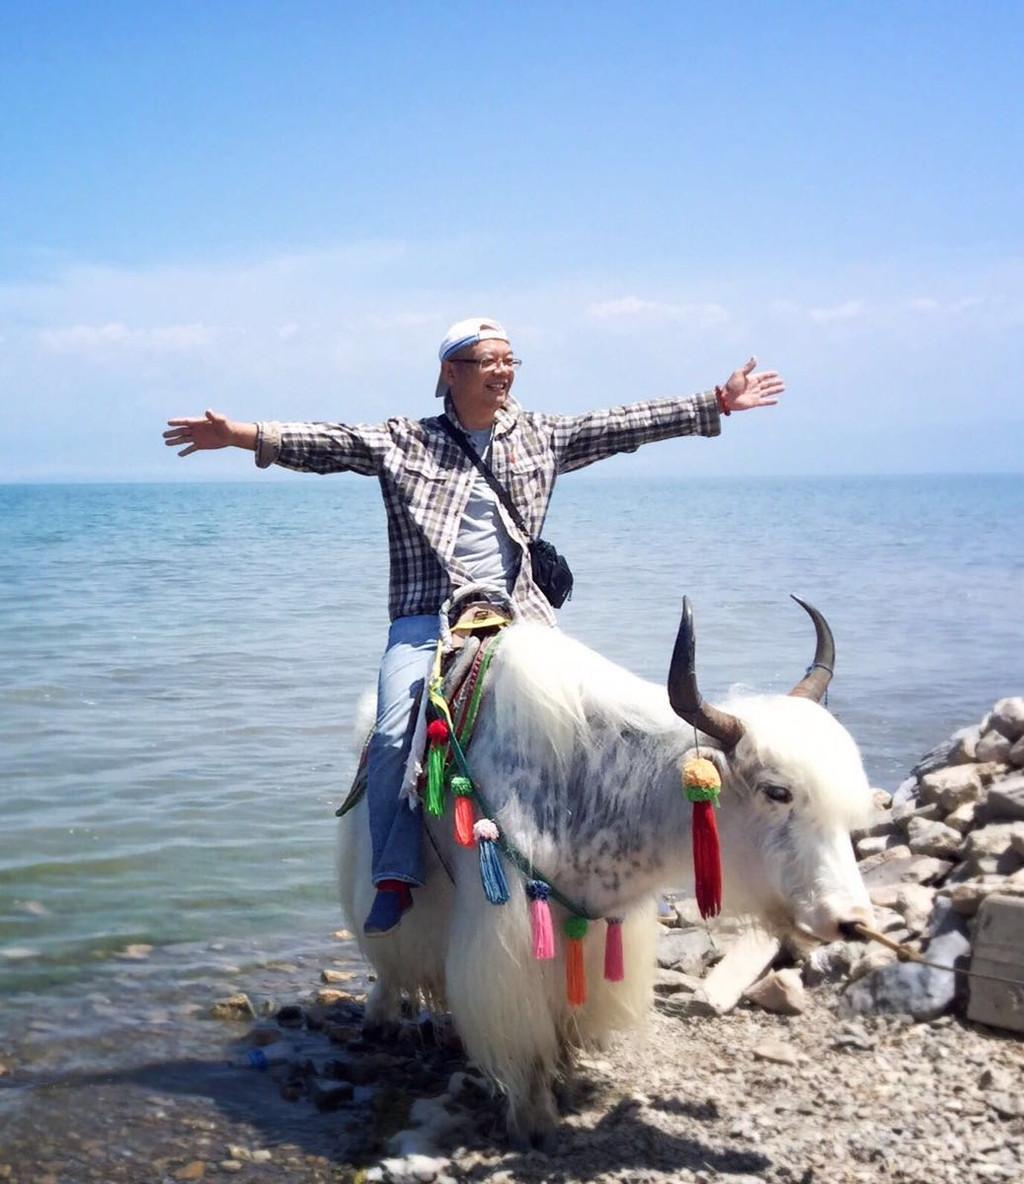 配上天空纯粹的蓝,美得是如此震撼,让我屏息,久久不舍,因要赶回青海湖